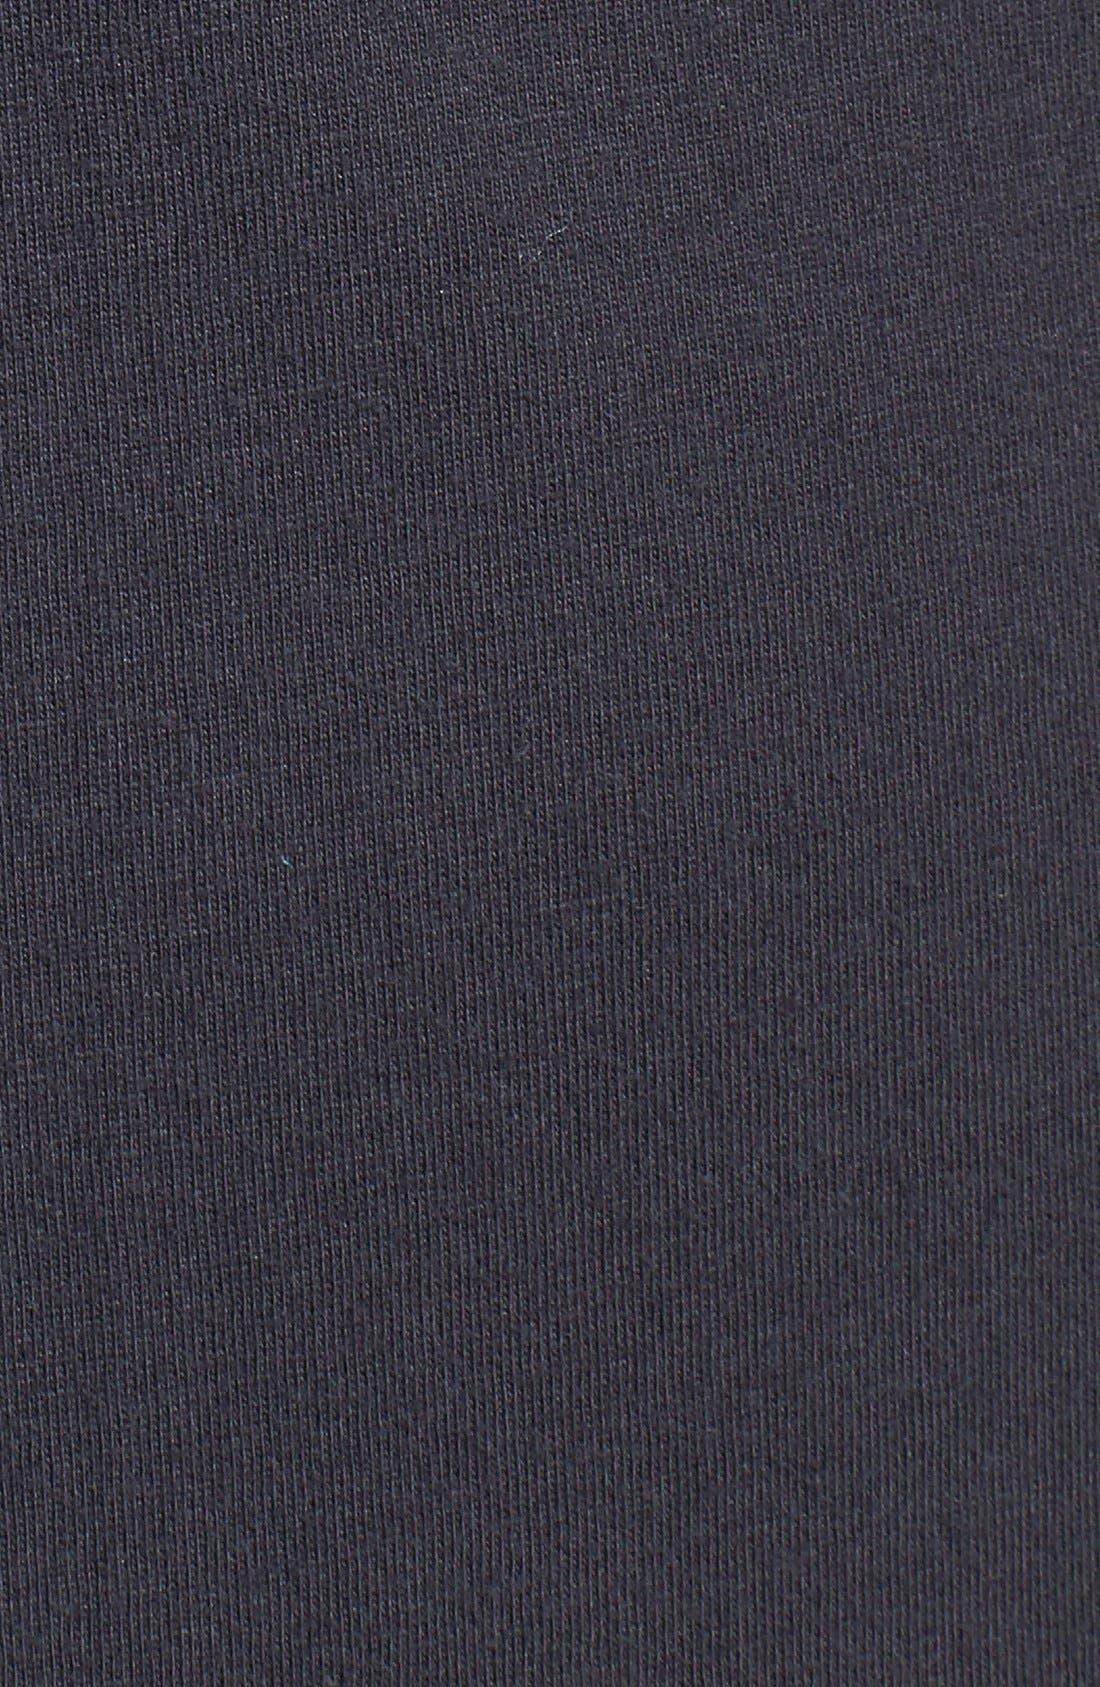 Alternate Image 3  - Billabong 'Tempting Fate' Jersey Slipdress (Juniors)